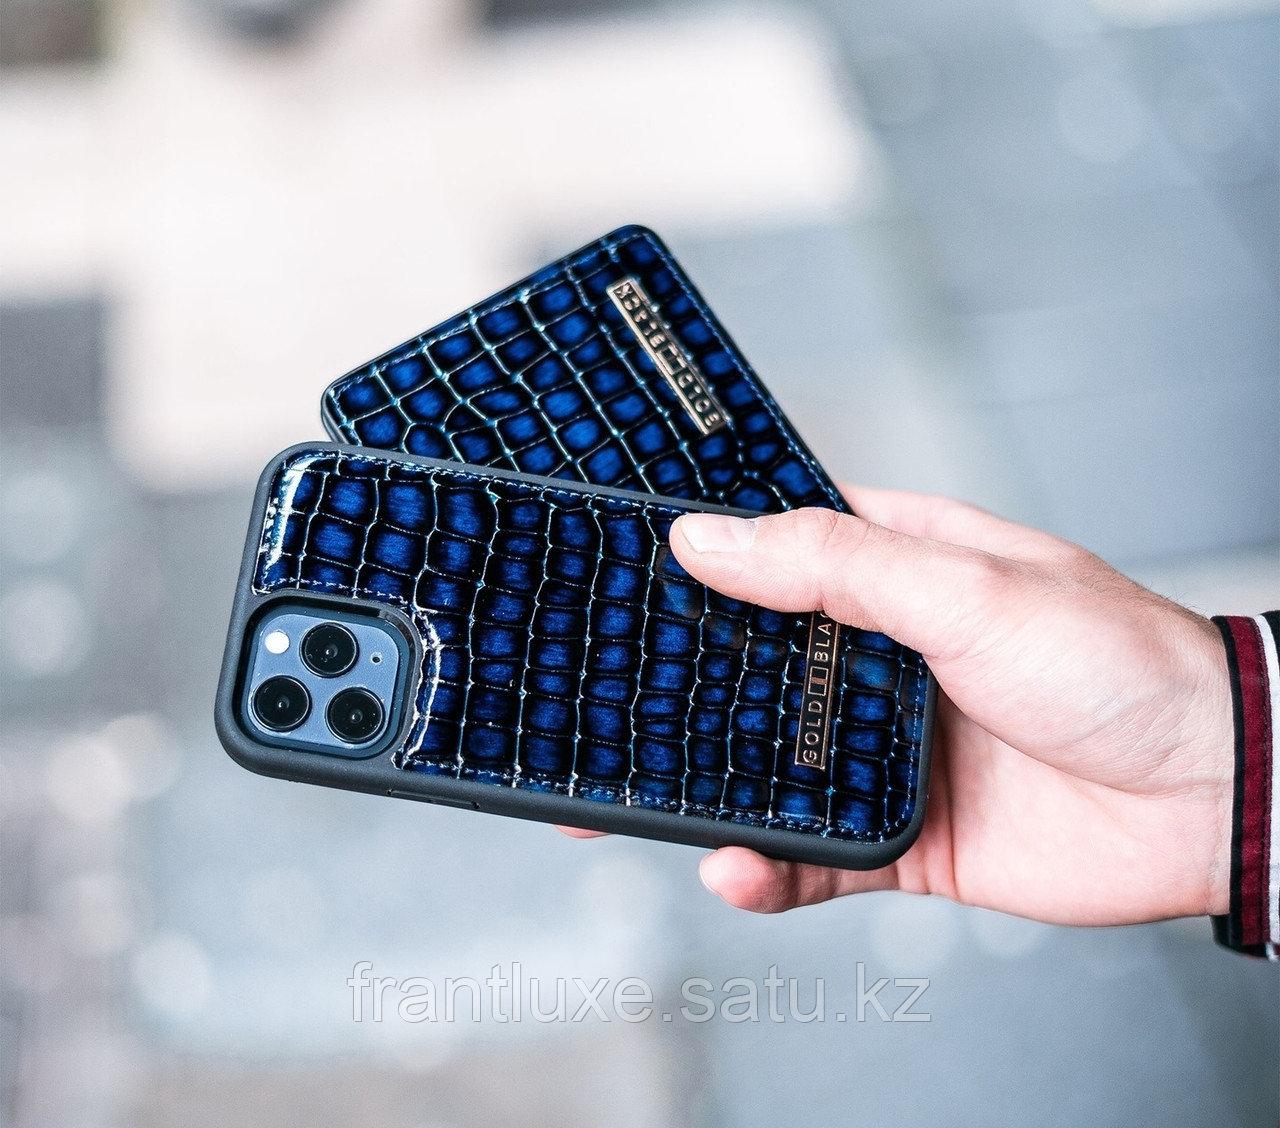 Чехол для телефона iPhone 12/12 Pro синий - фото 6